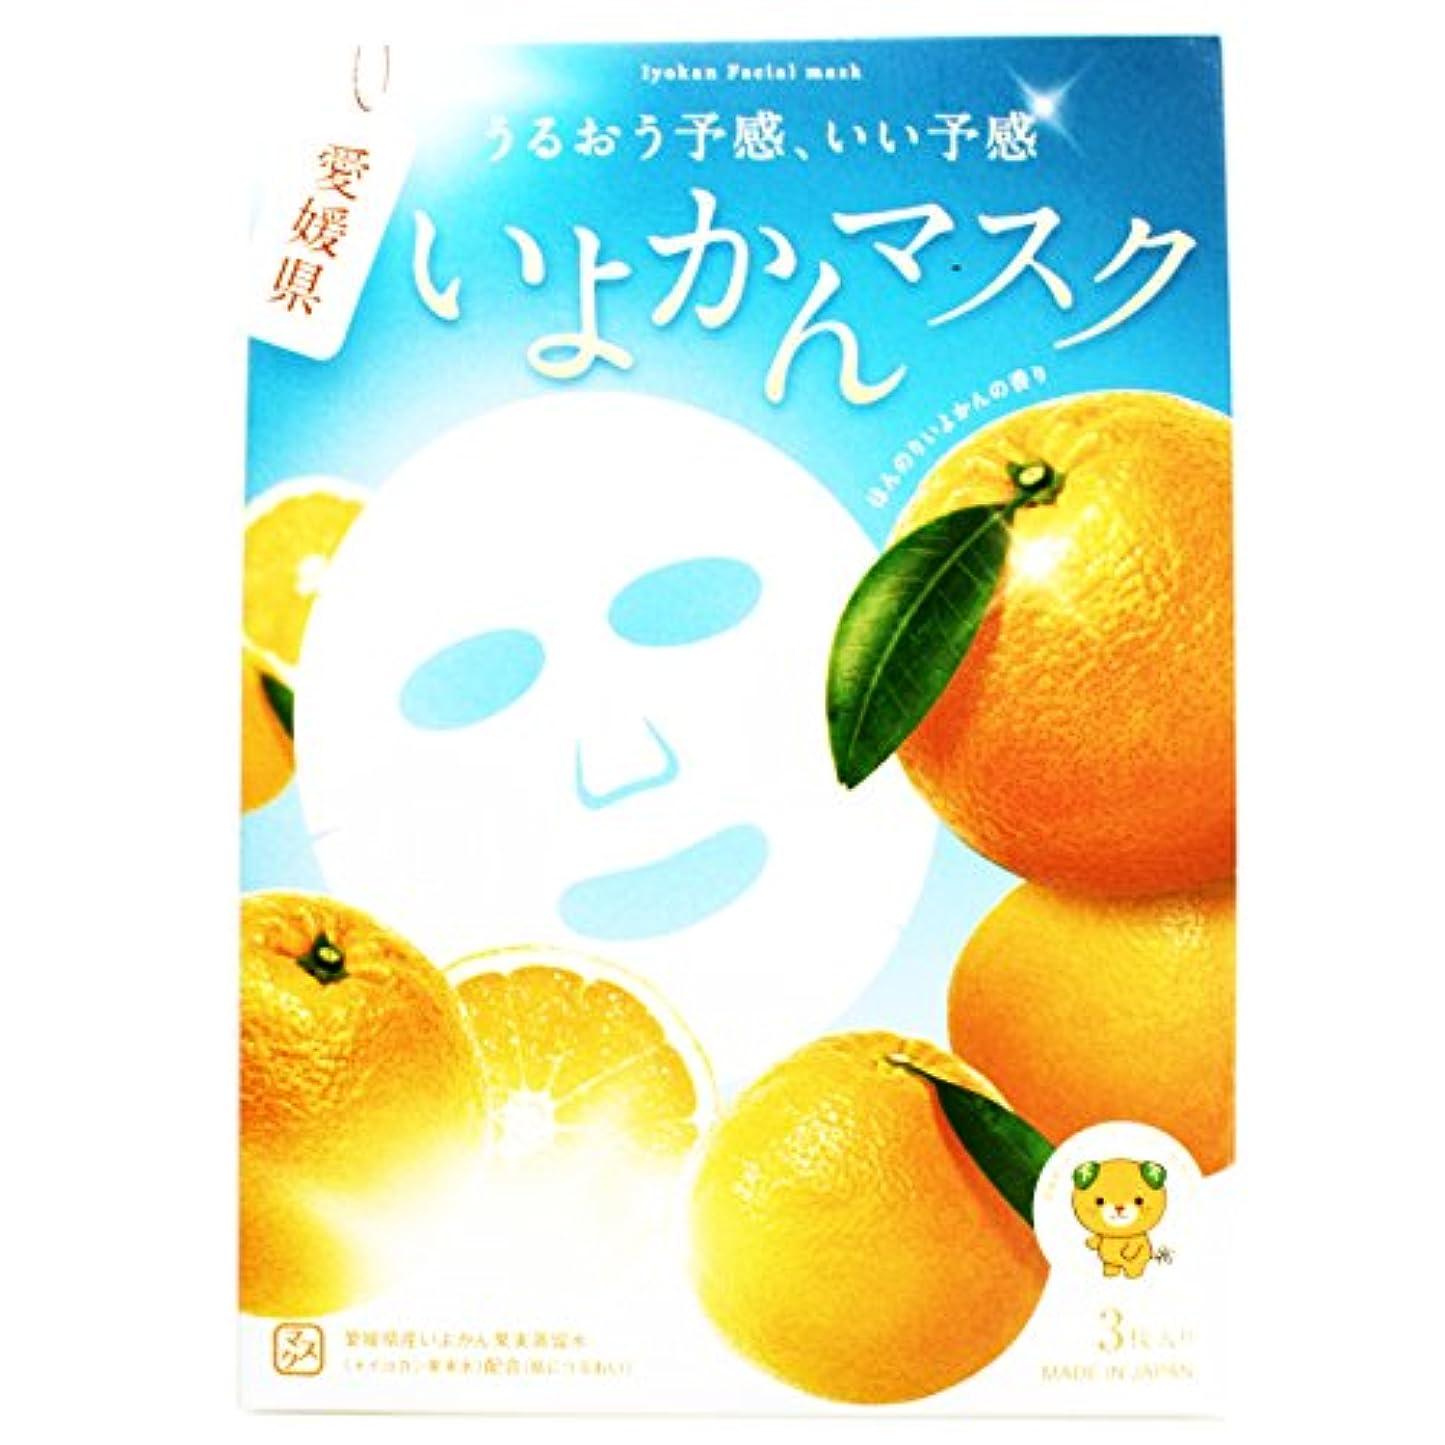 廃棄する有利エントリ愛媛県 いよかんマスク 3枚入り